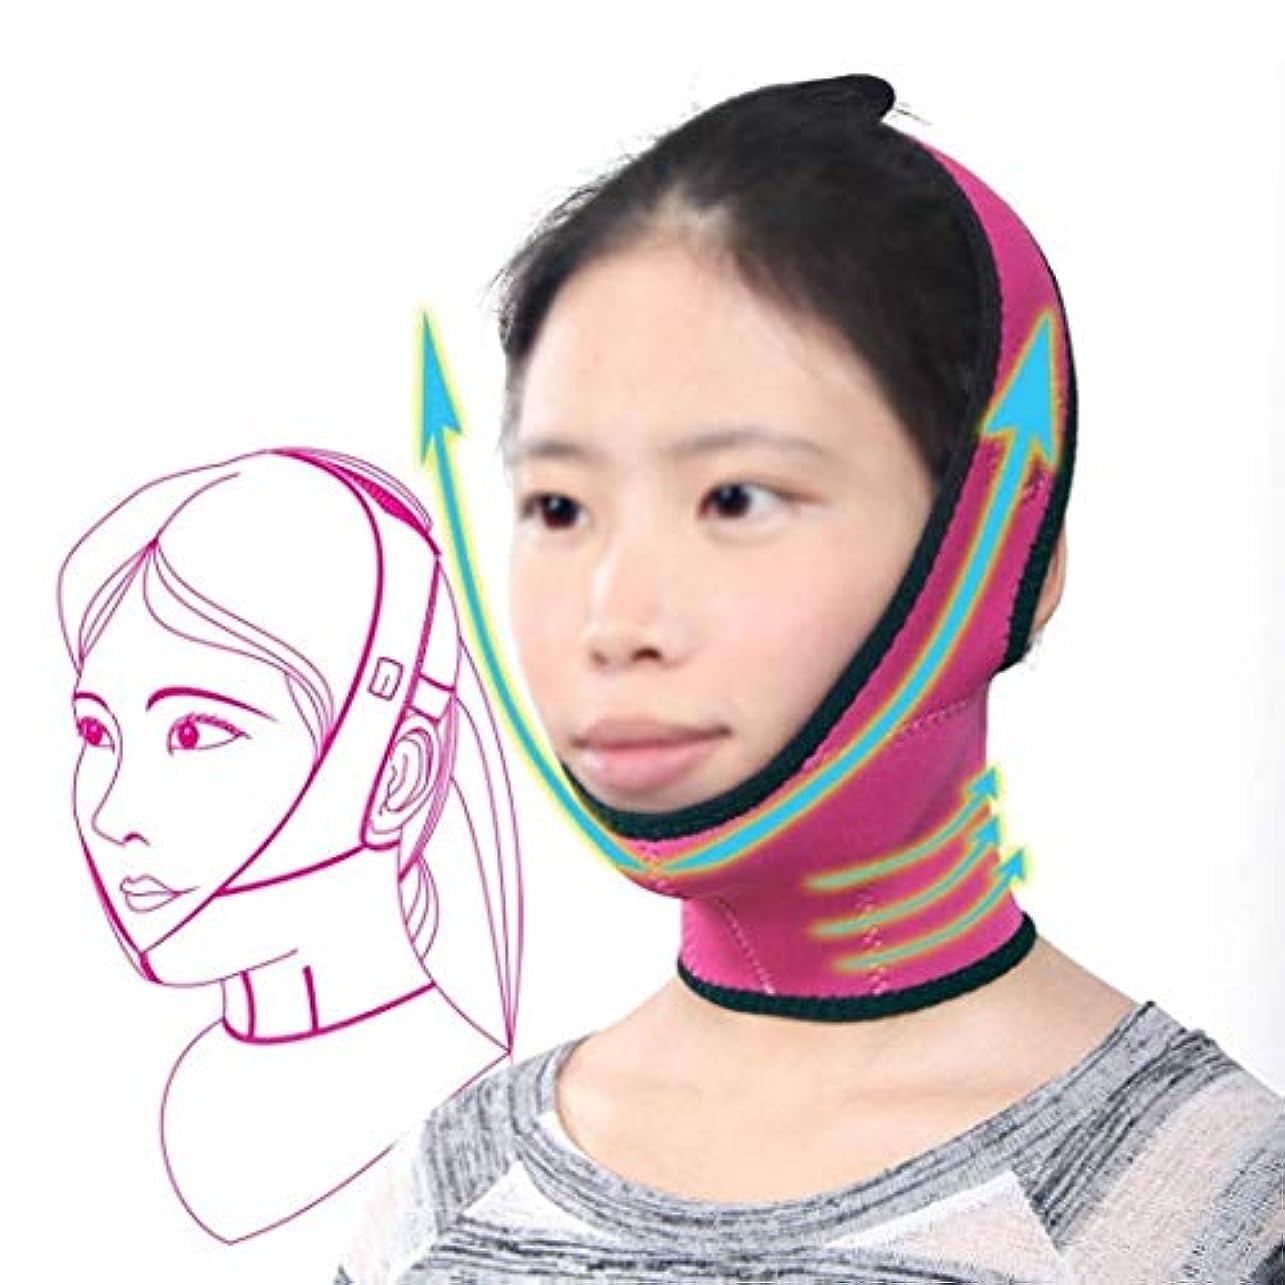 フリンジ名門スタジオフェイスリフトマスク、スリミングベルトフェイスマスク強力なリフティング小さなV顔薄い顔包帯美容美容リフティング顔小さな顔薄いフェイスマスク